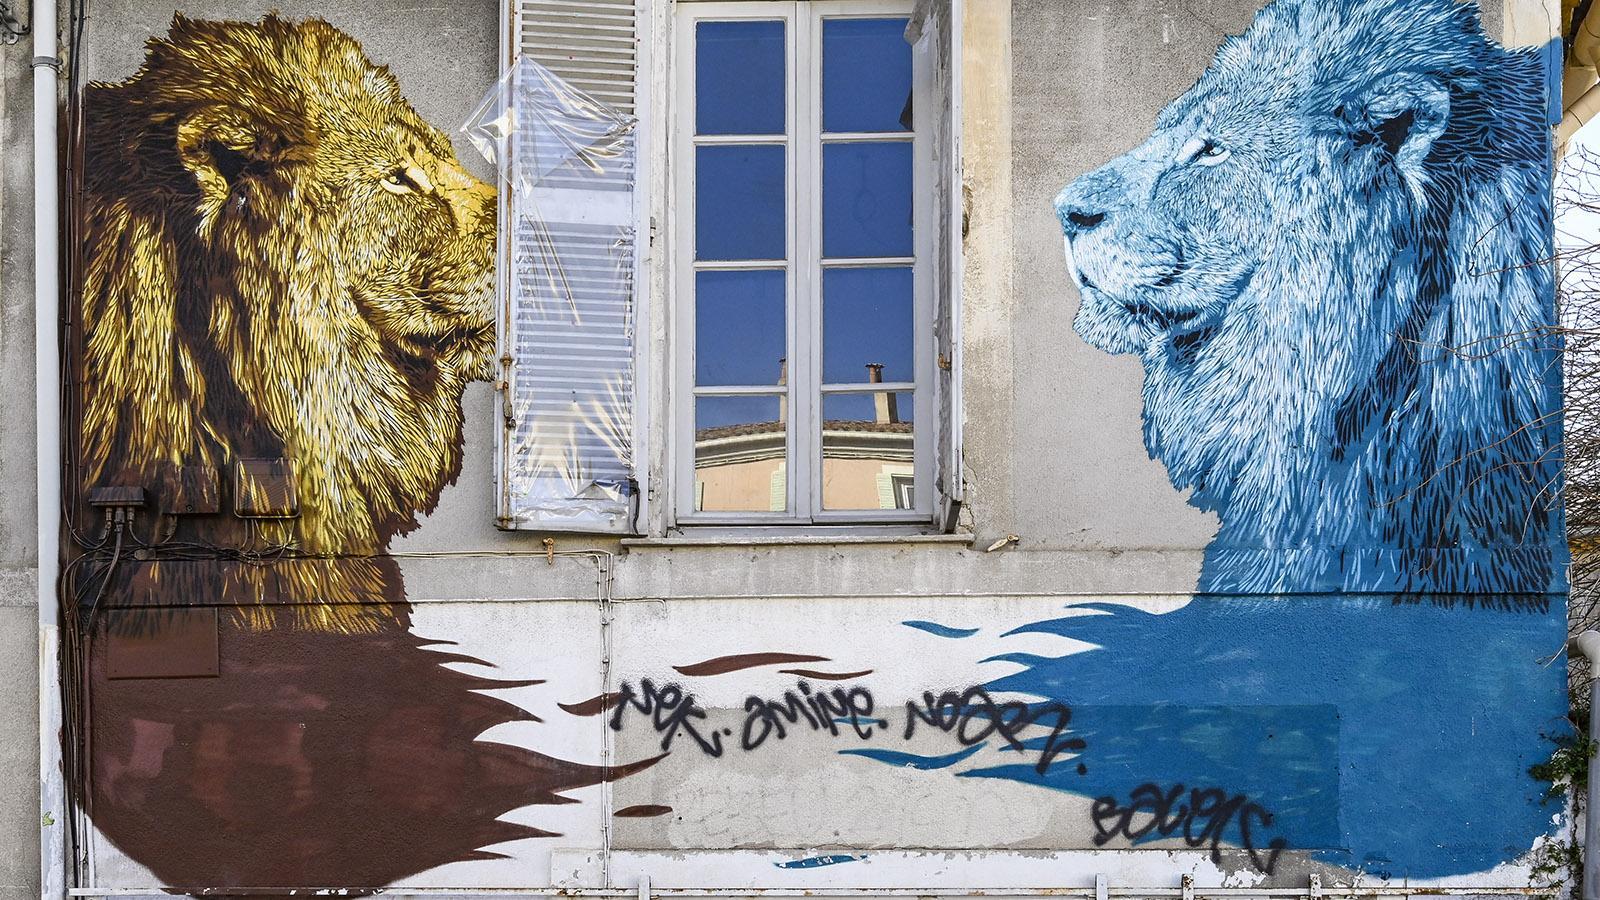 Po.lo 51.67 schuf für die Expo de Ouf 2018 dieses Löwenpaar schräg gegenüber vom Archipel. Foto: Hilke Maunder